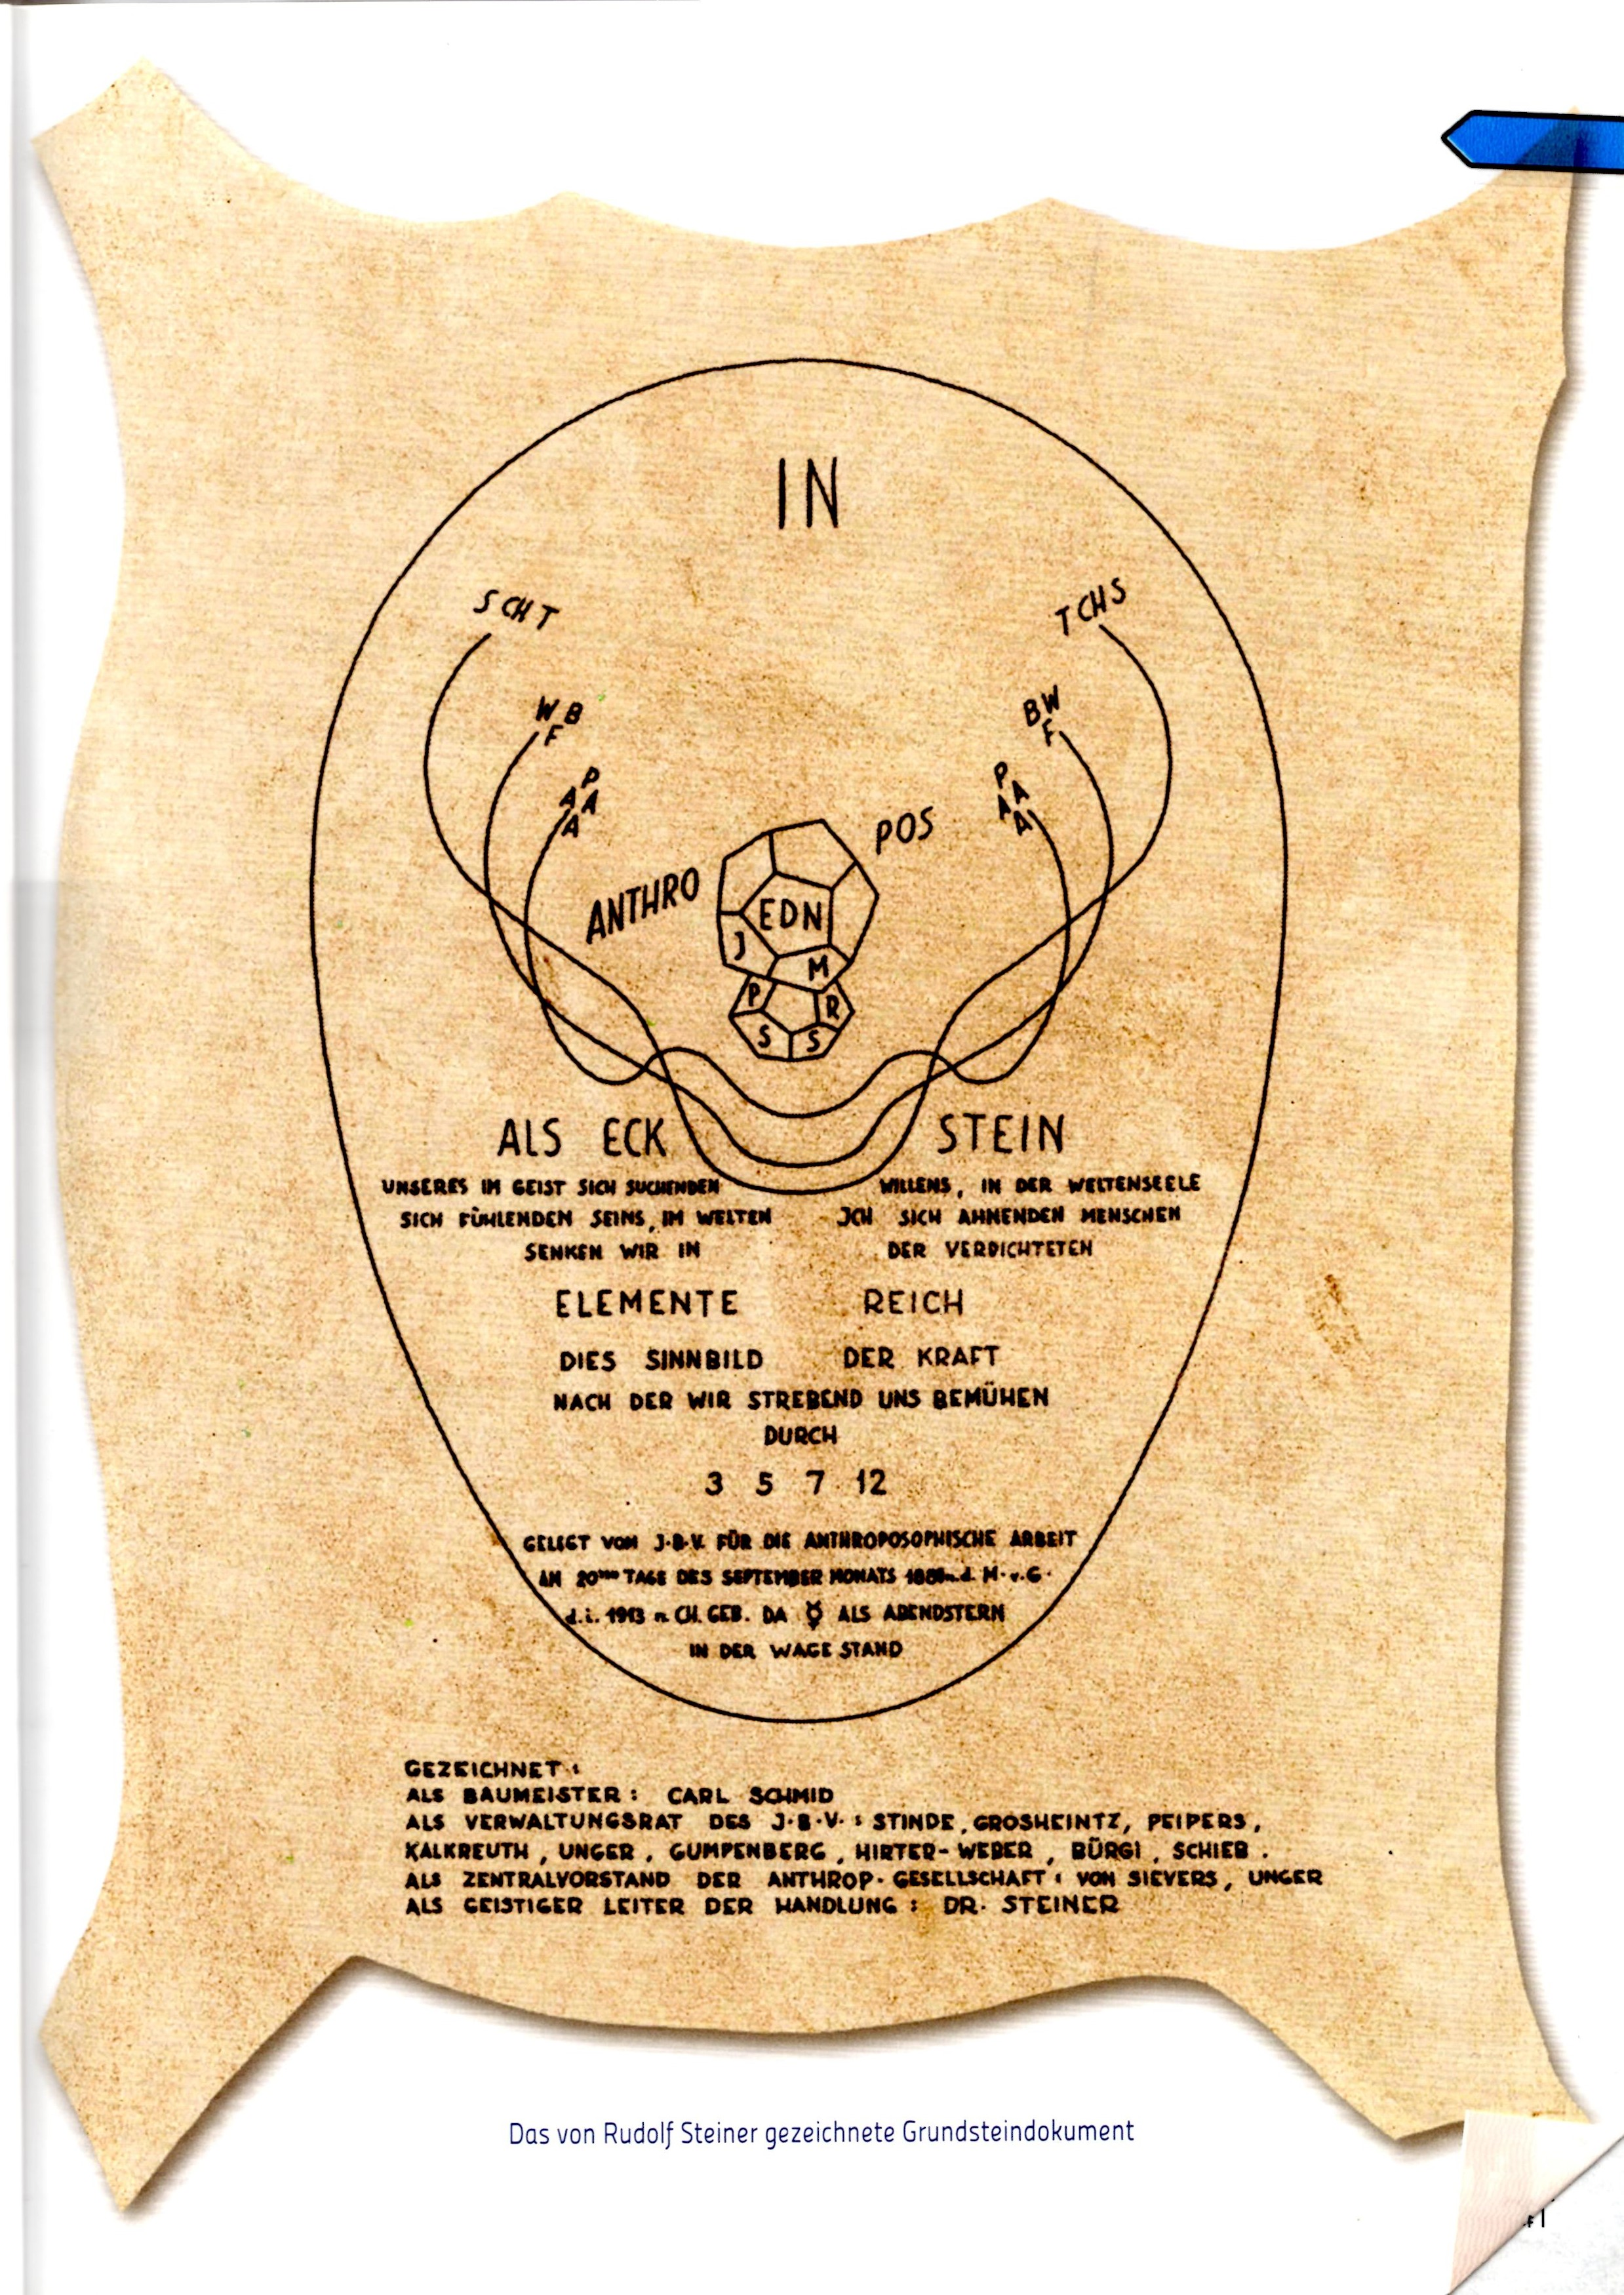 Dokument der Grundsteinlegung